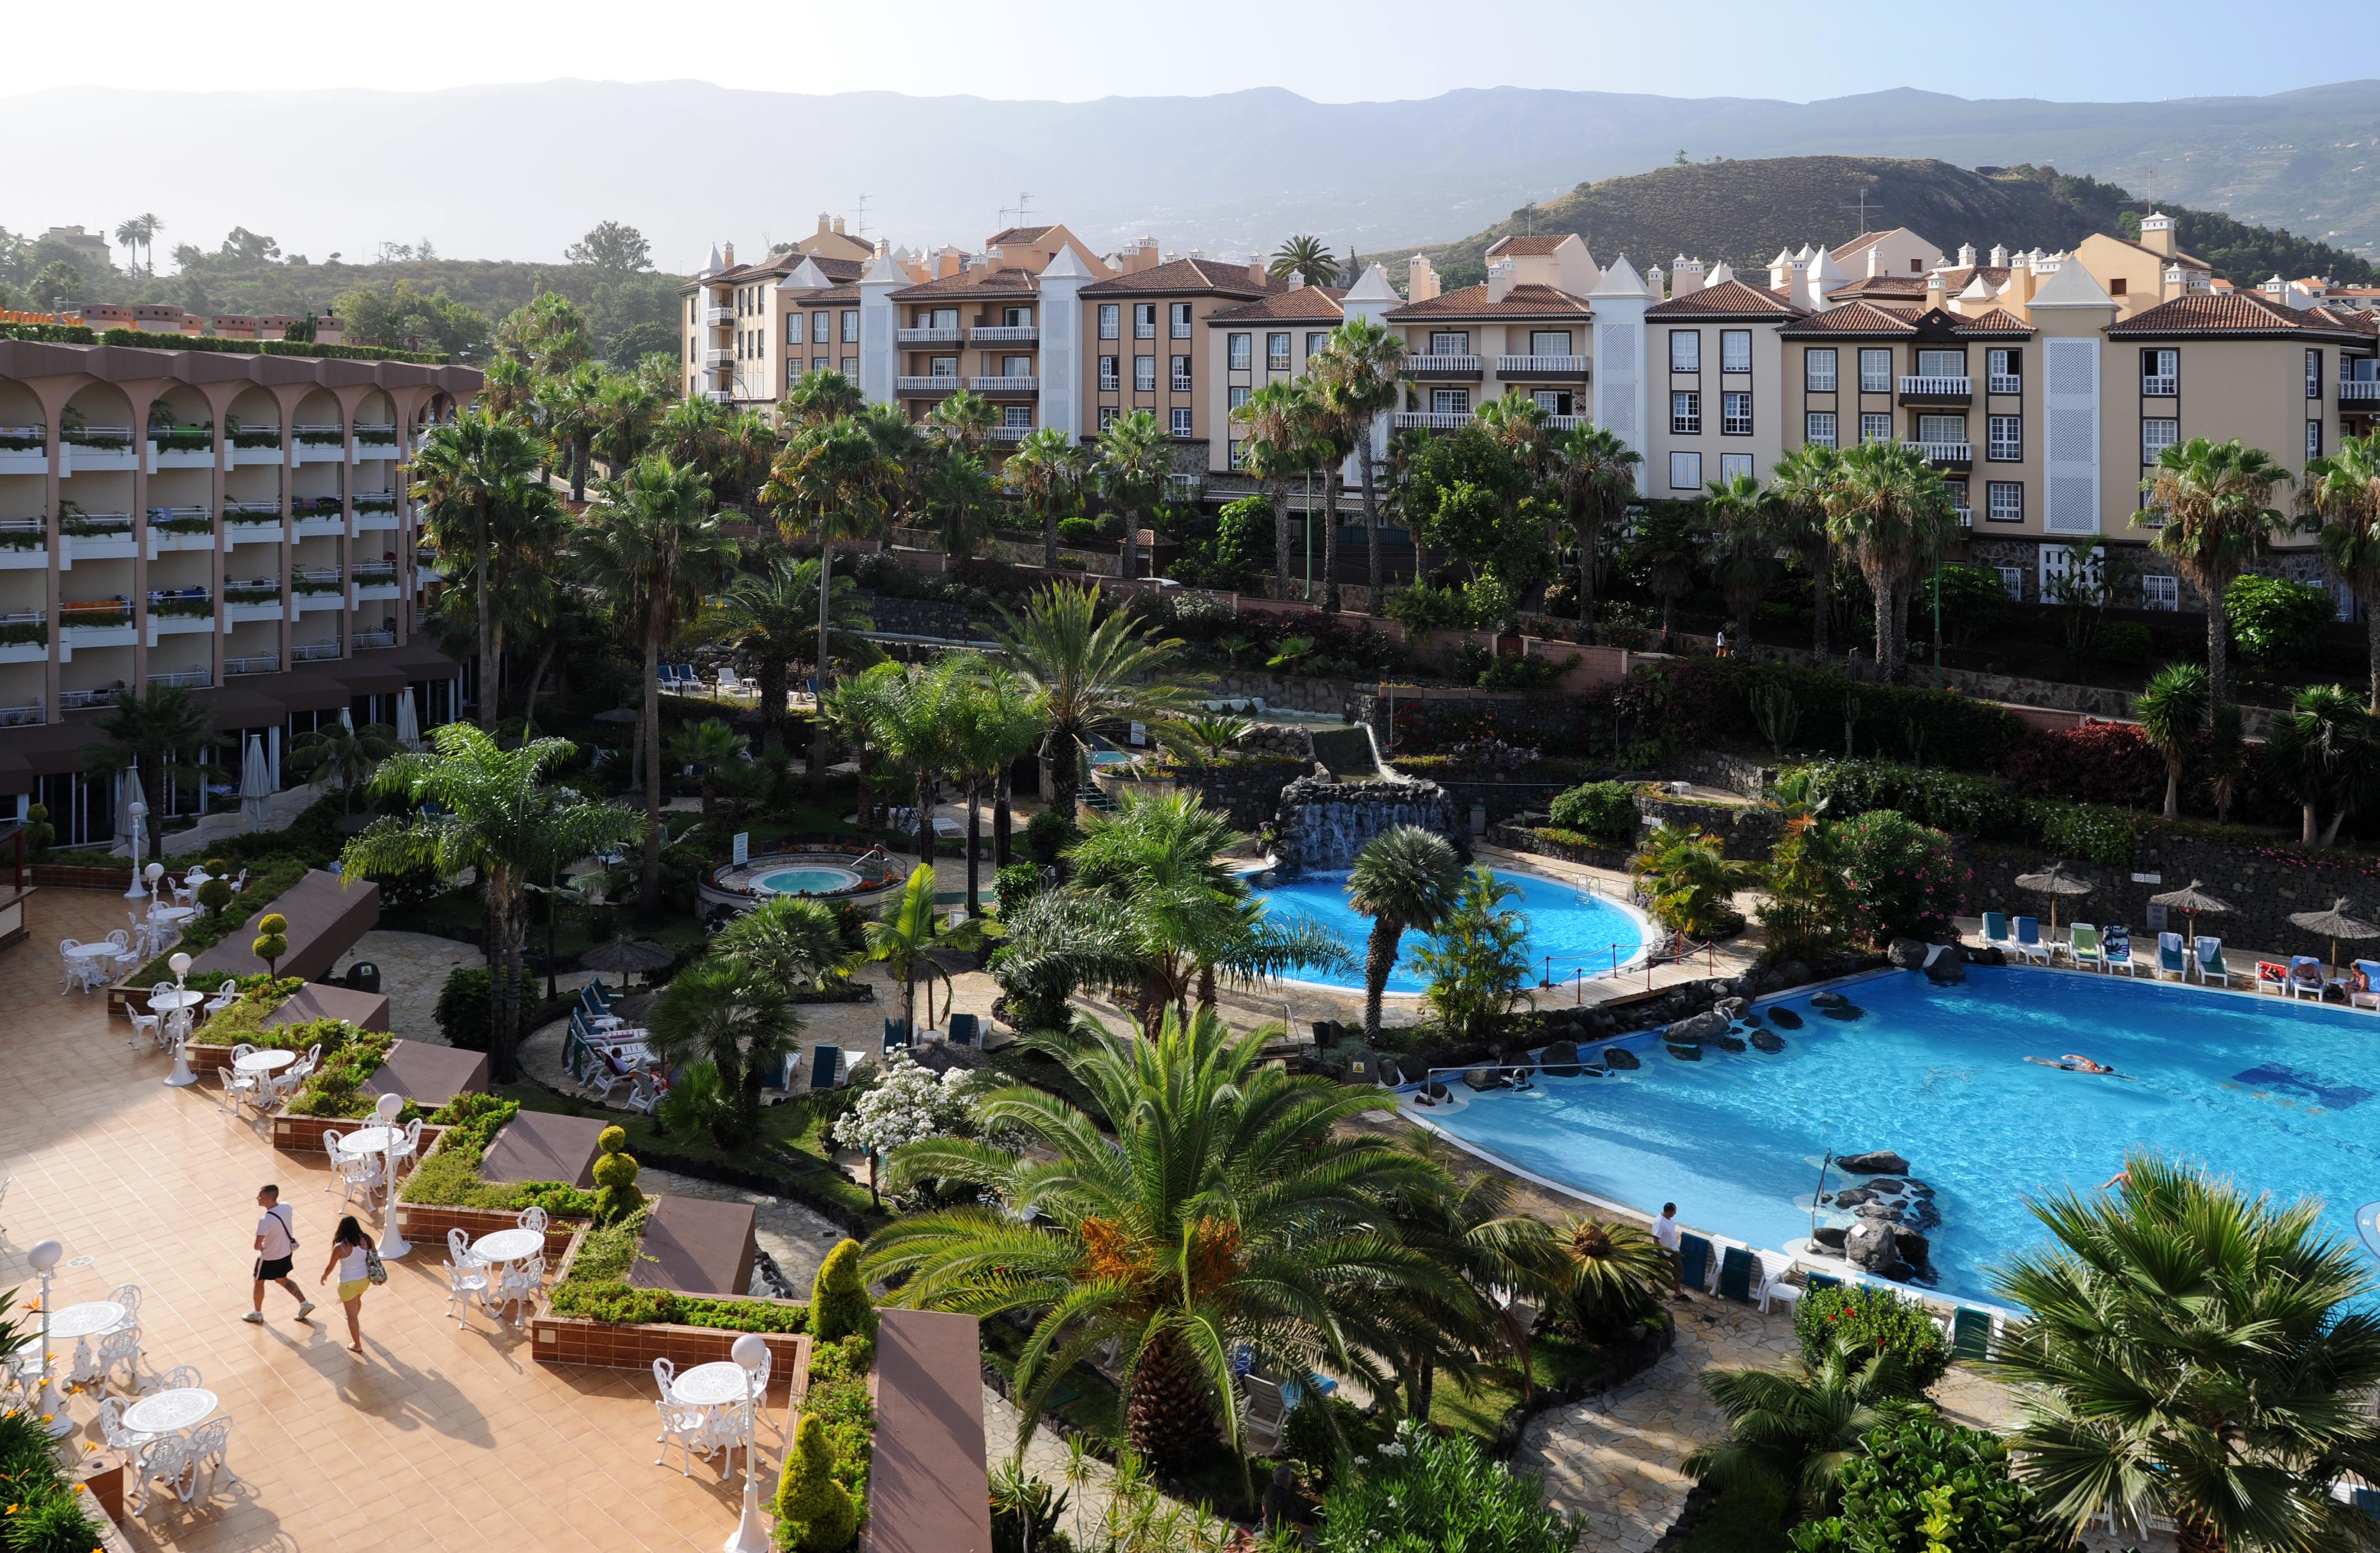 Der puerto palace hotel in puerto de la cruz auf teneriffa - Puerta de la cruz ...